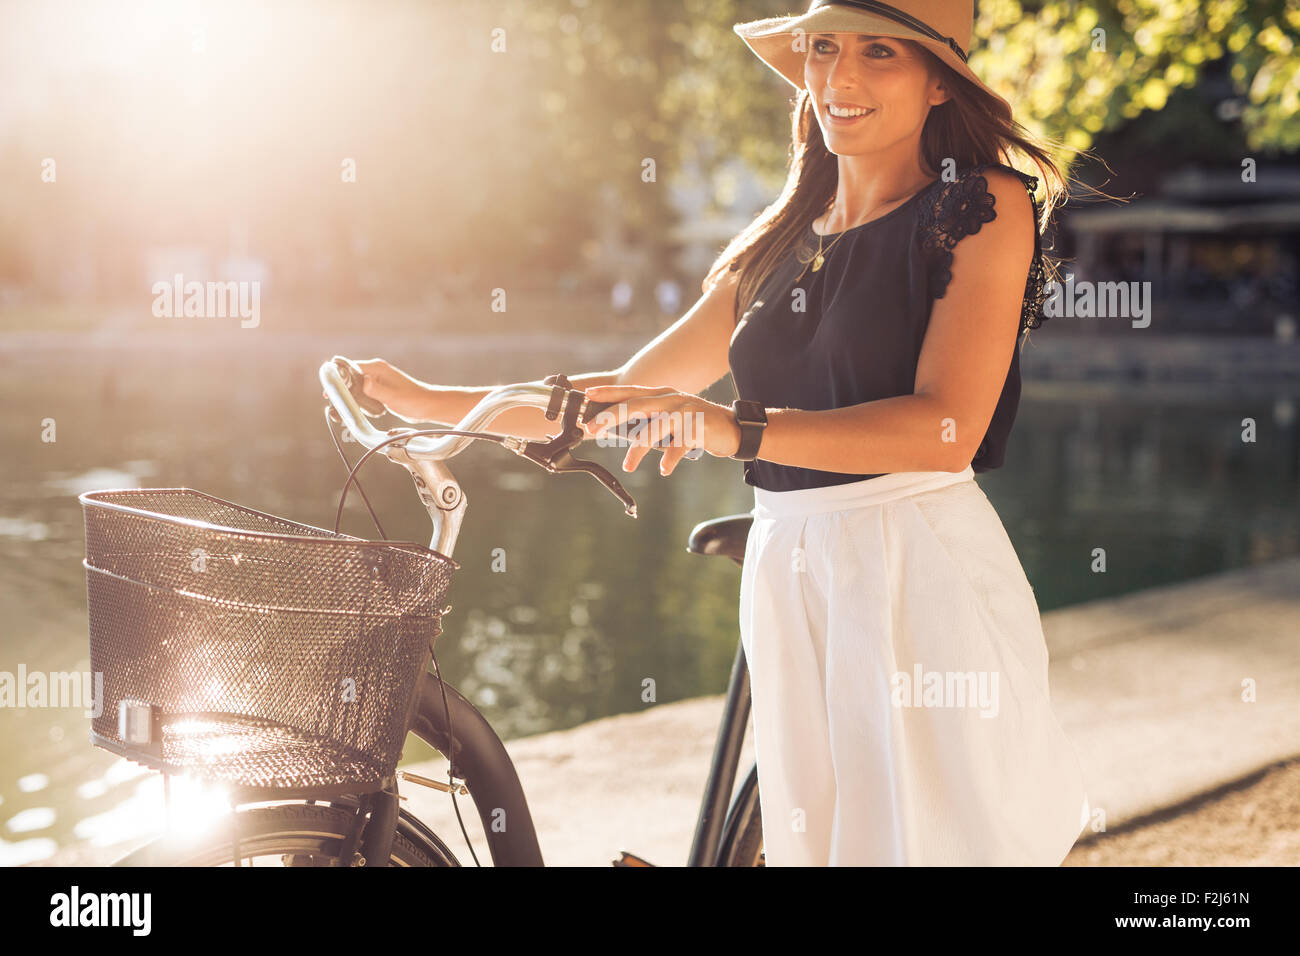 Colpo all'aperto di una bella donna giovane con una bicicletta nel parco durante l'estate. Femmina con un Immagini Stock